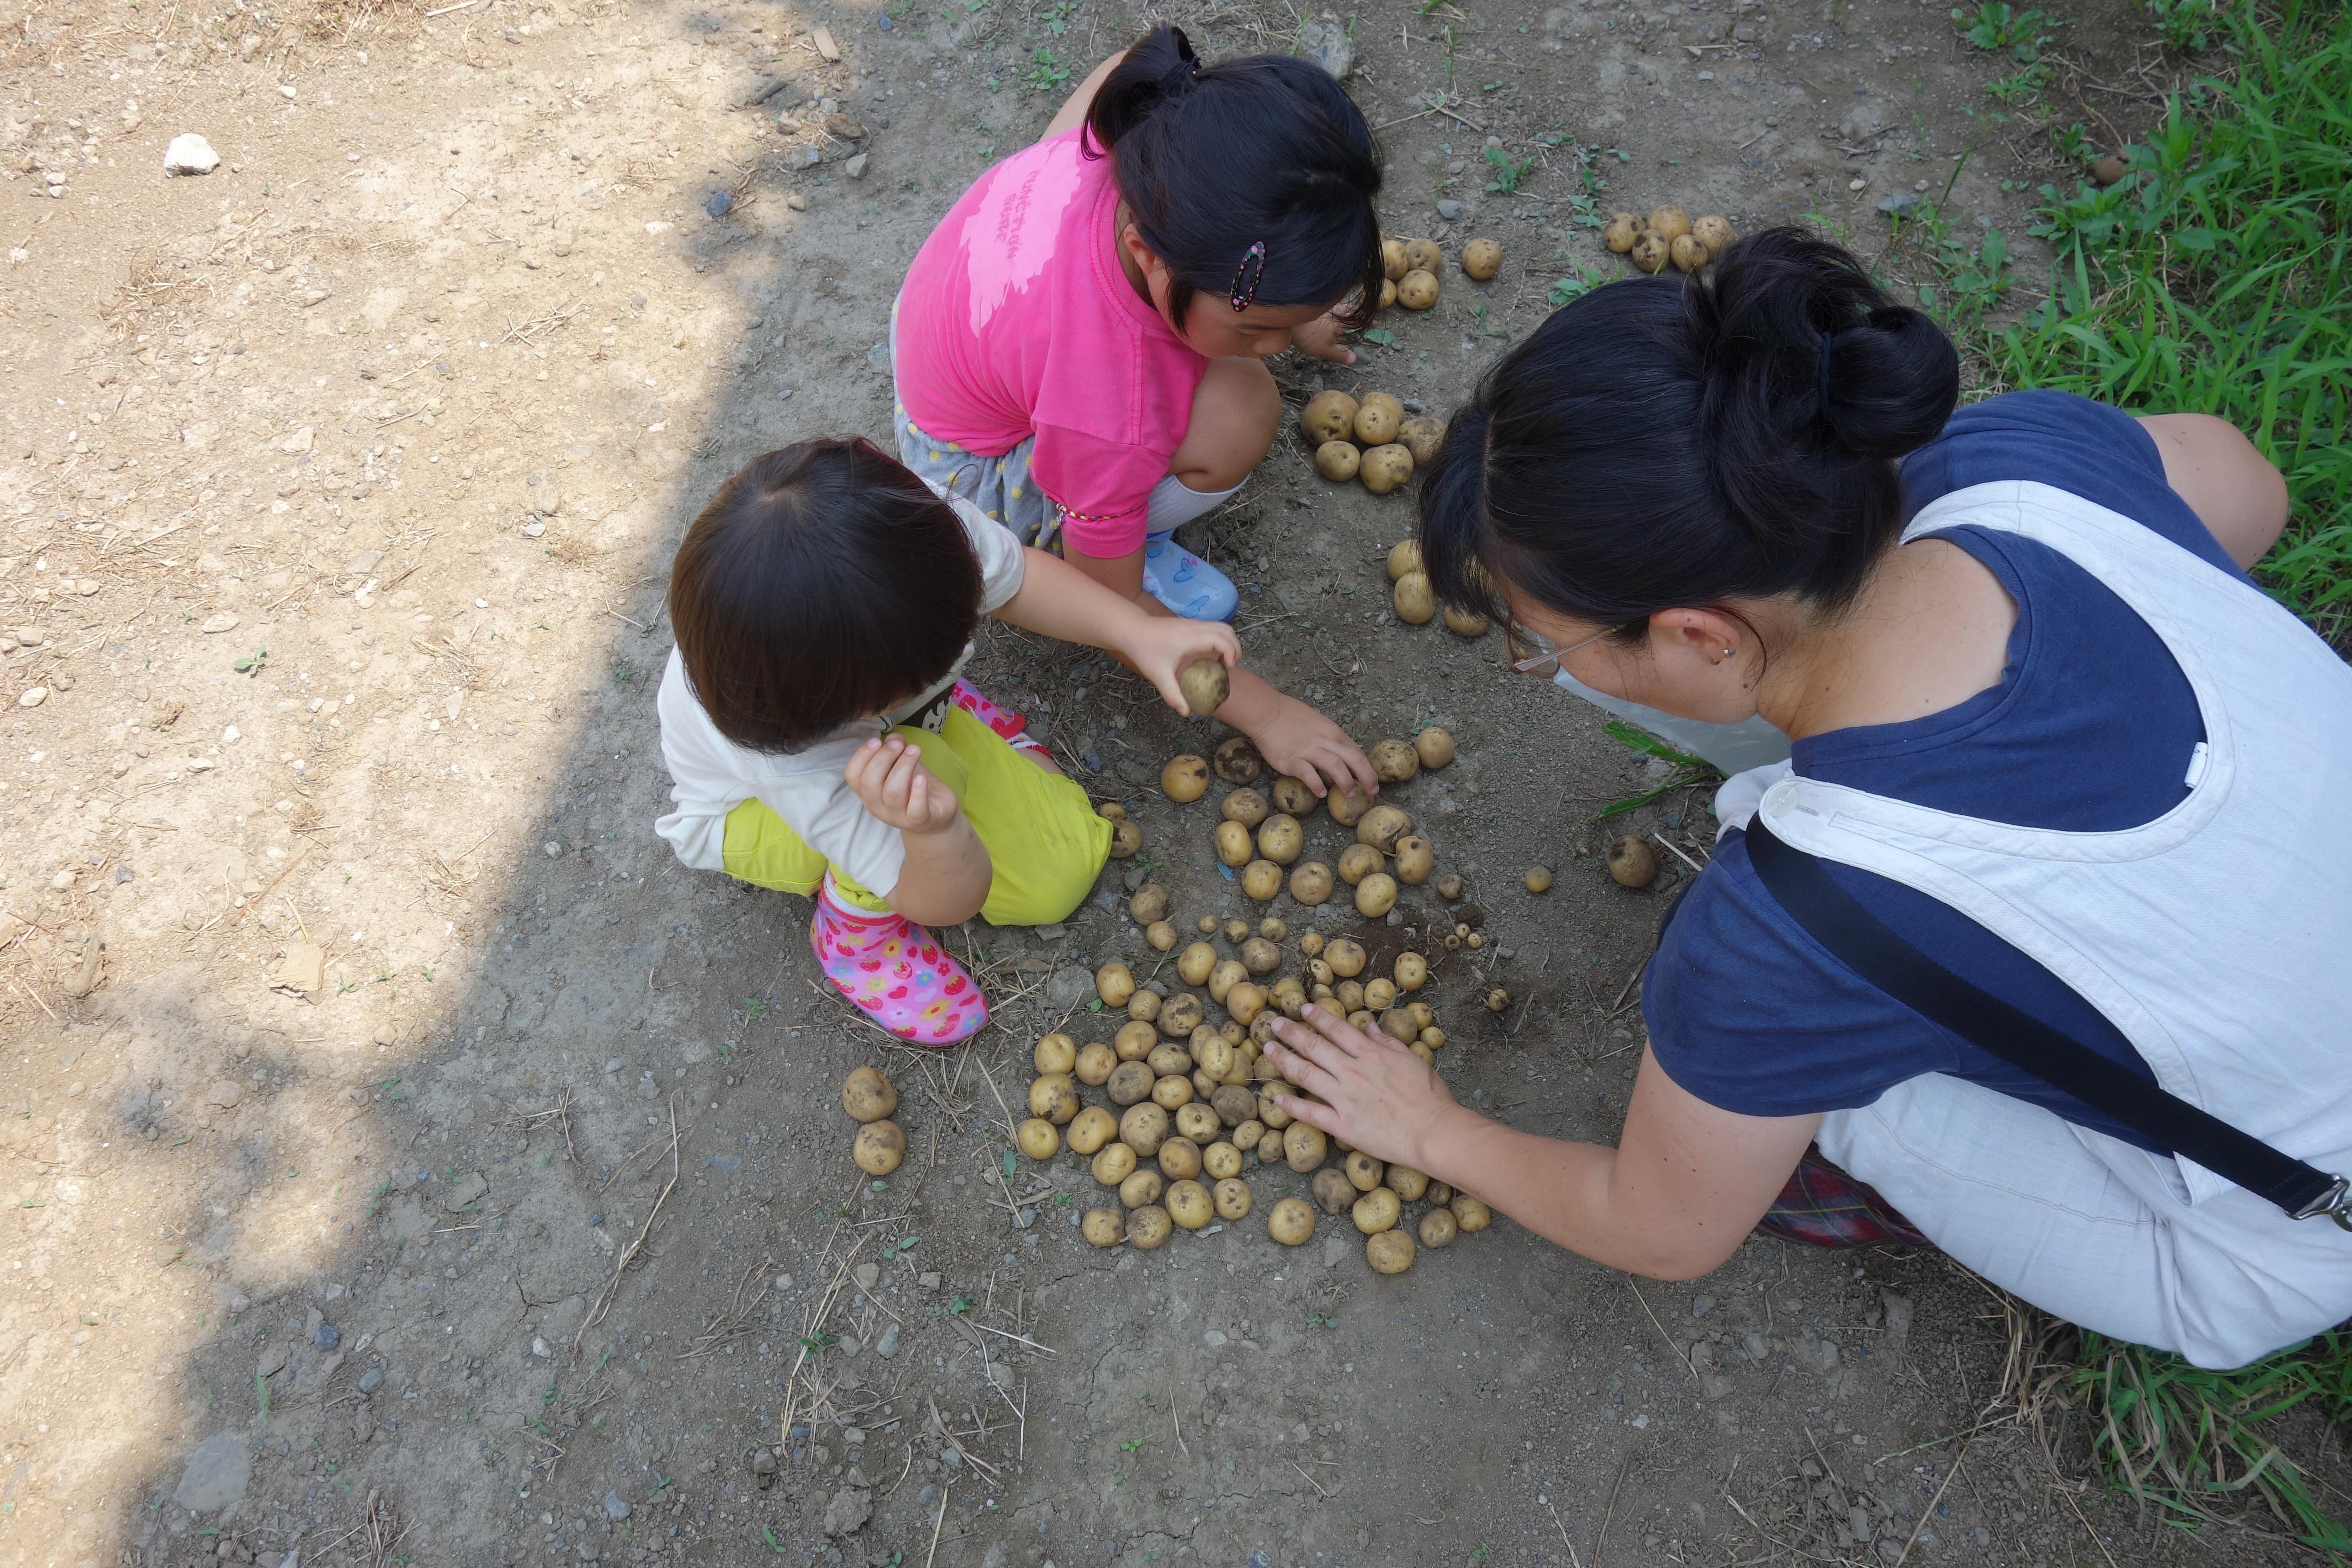 【単発】6/16(日)じゃがいもの収穫祭とさつまいもの植付[さいたま市・農業体験]のイメージその4